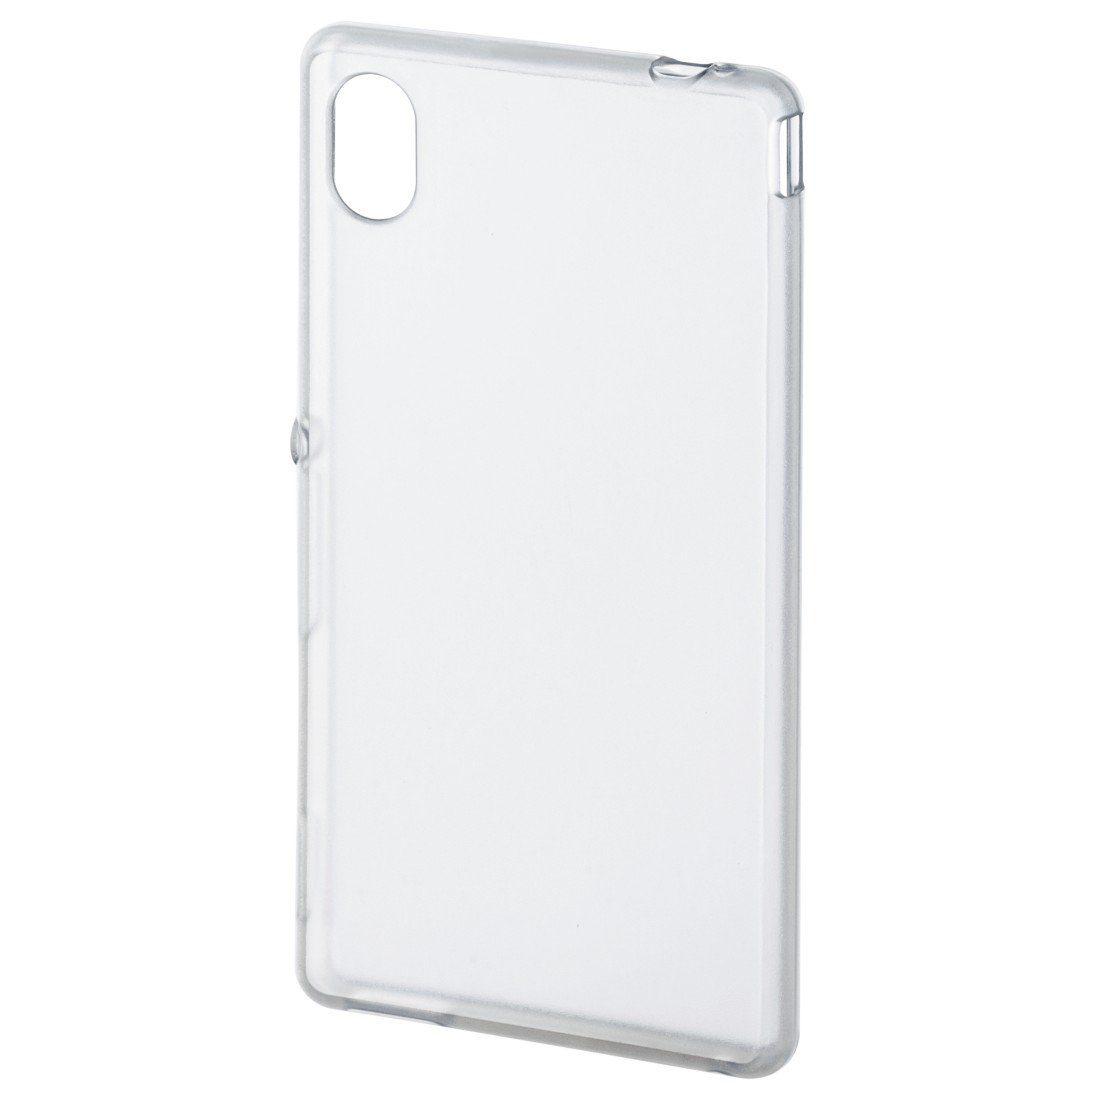 Hama Cover Crystal für Sony Xperia M4 Aqua, Transparent